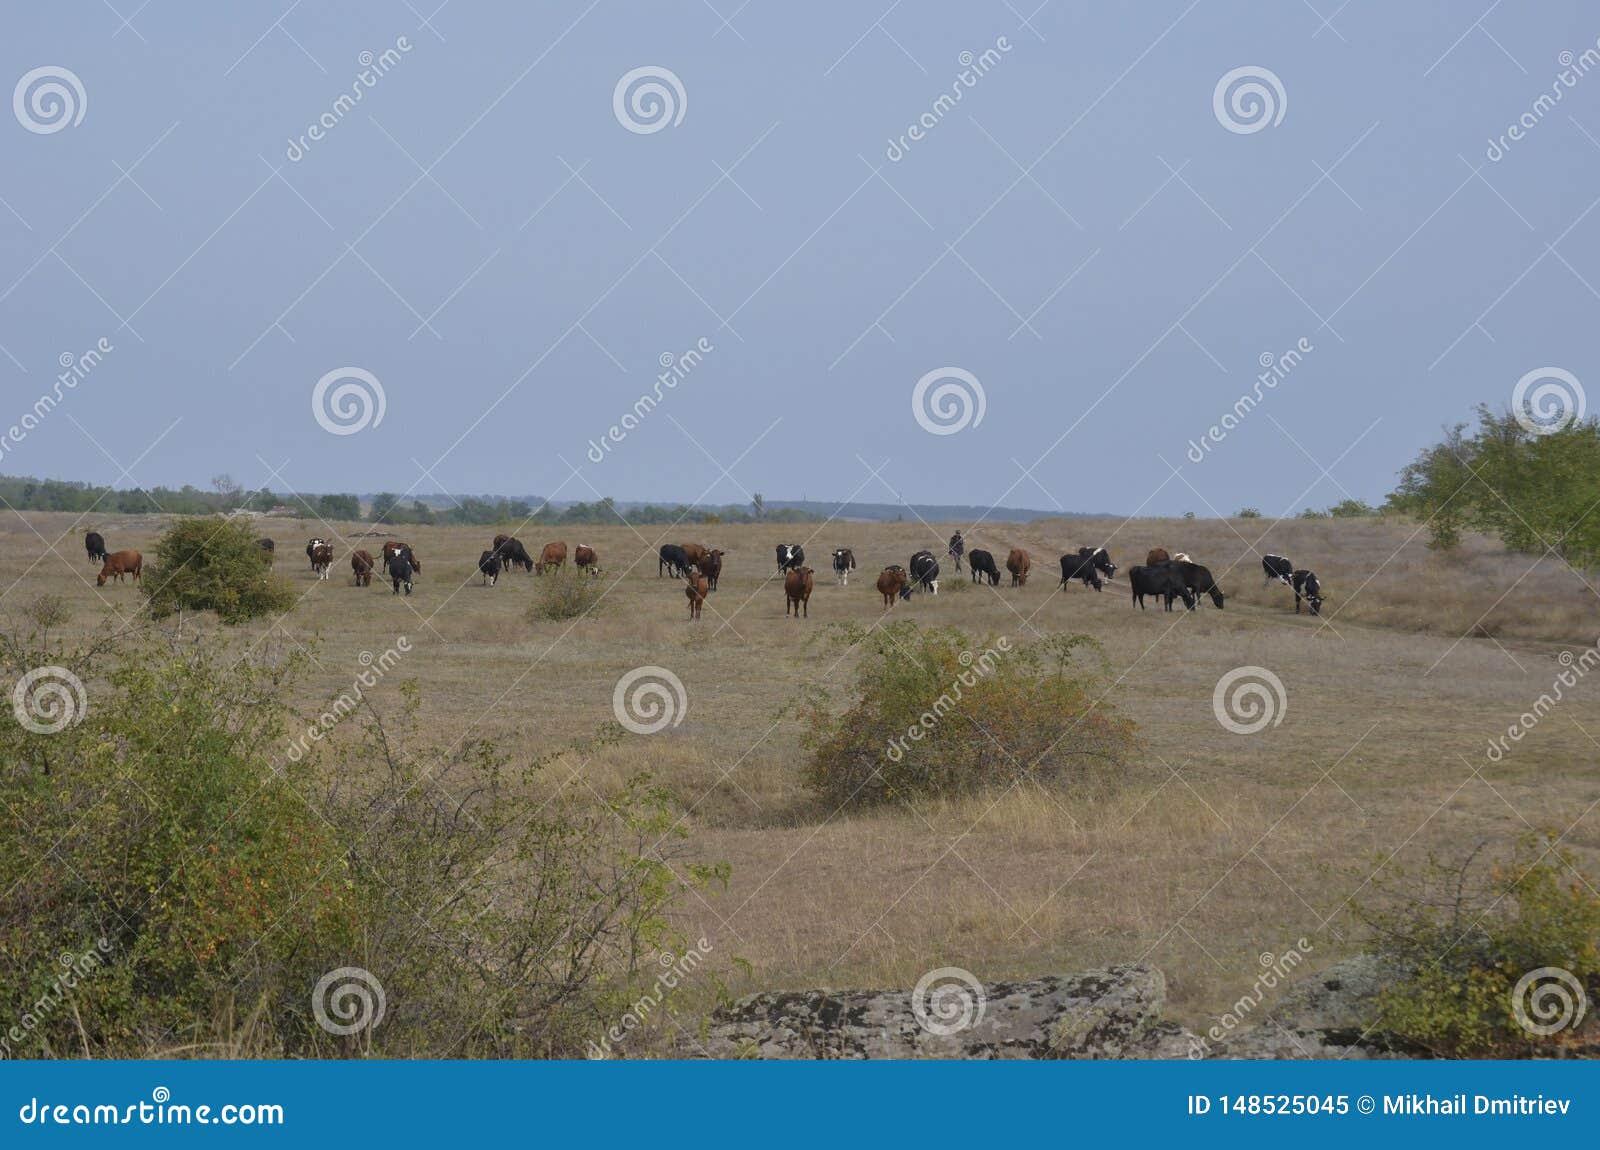 Ein Schäfer führt eine Herde von Kühen über einem sonnigen ukrainischen Feld